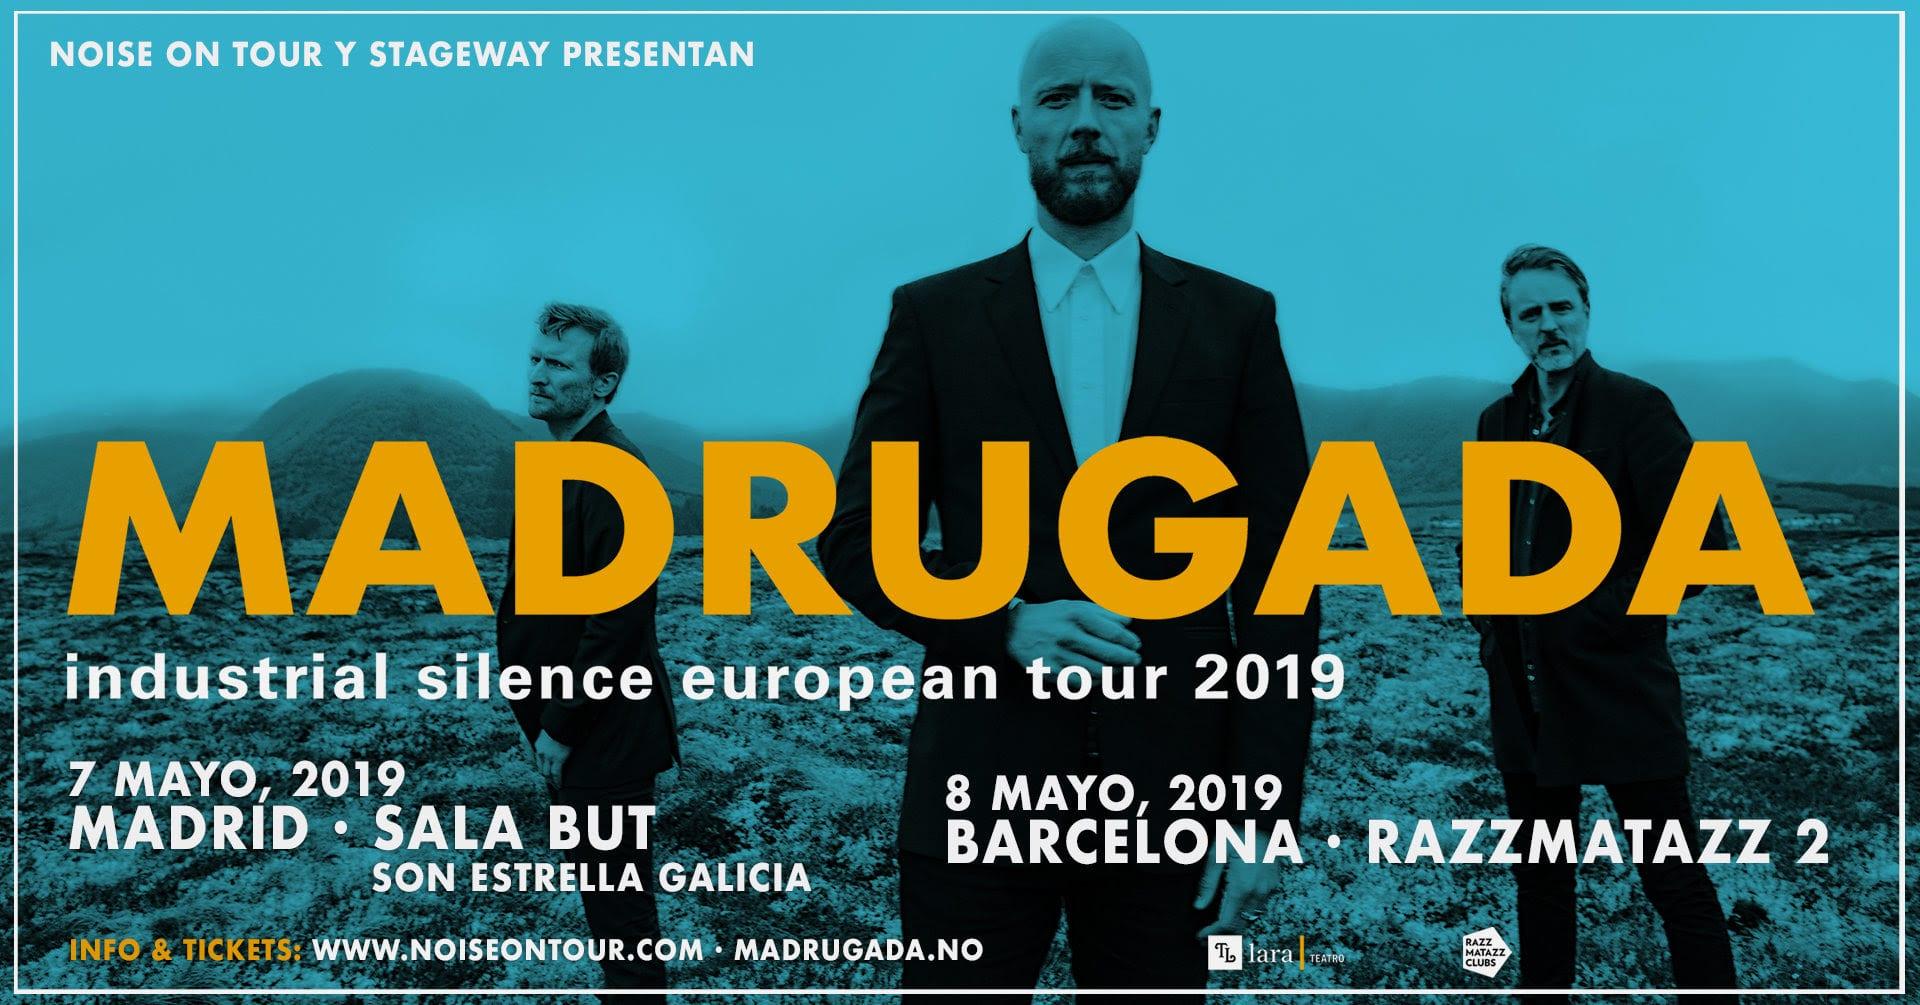 MADRUGADA Actuará Mañana En Madrid Y El Míercoles En